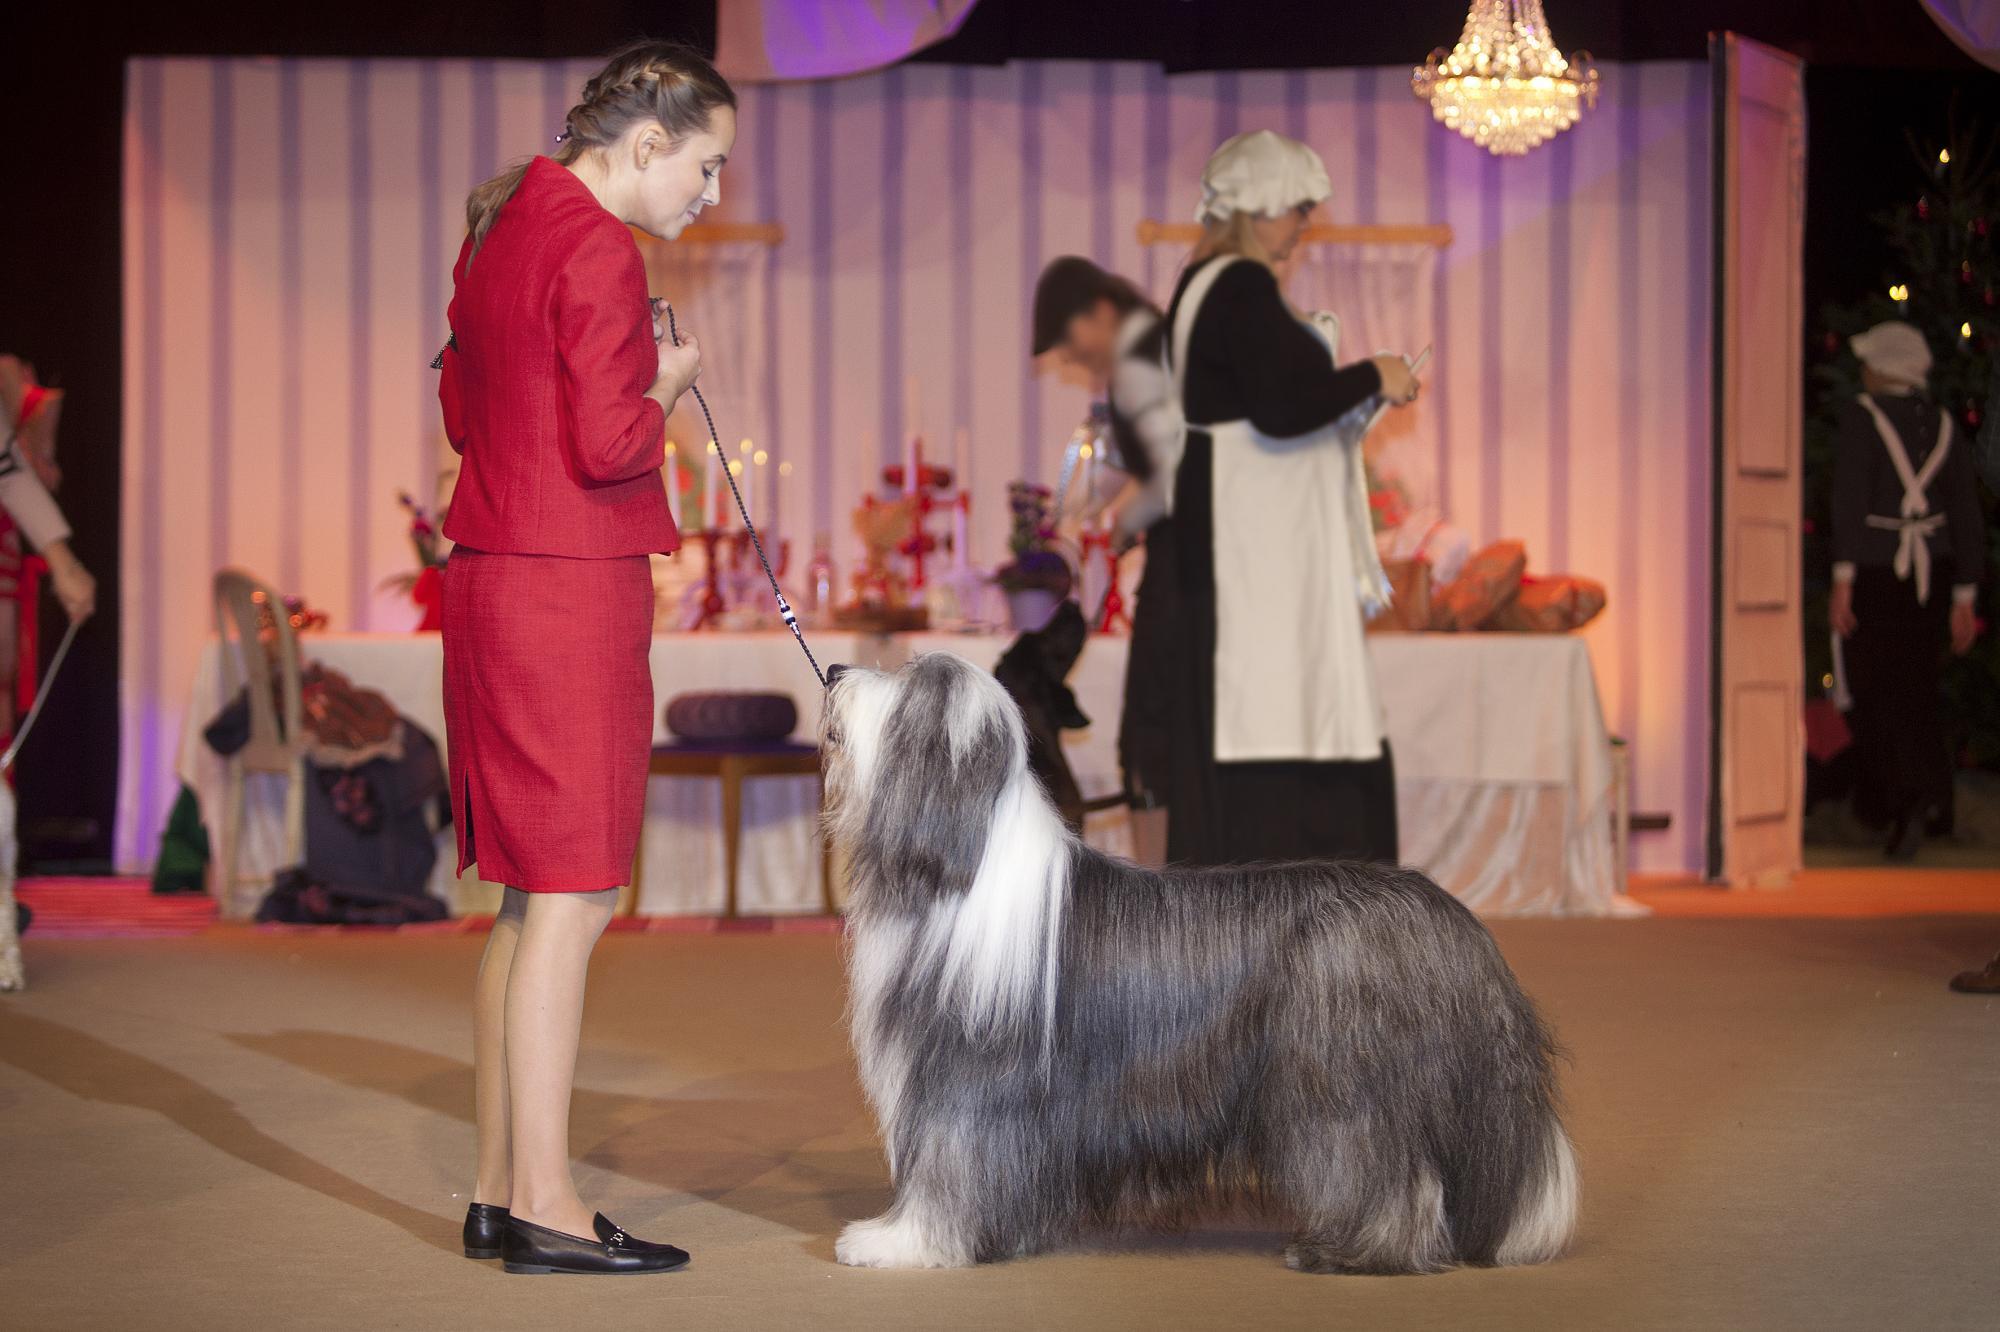 Selma tipsar den som skall ställa ut sin hund att träna den på att stå stilla. Det är något hon prioriterar att lära hunden mer än att sitta.